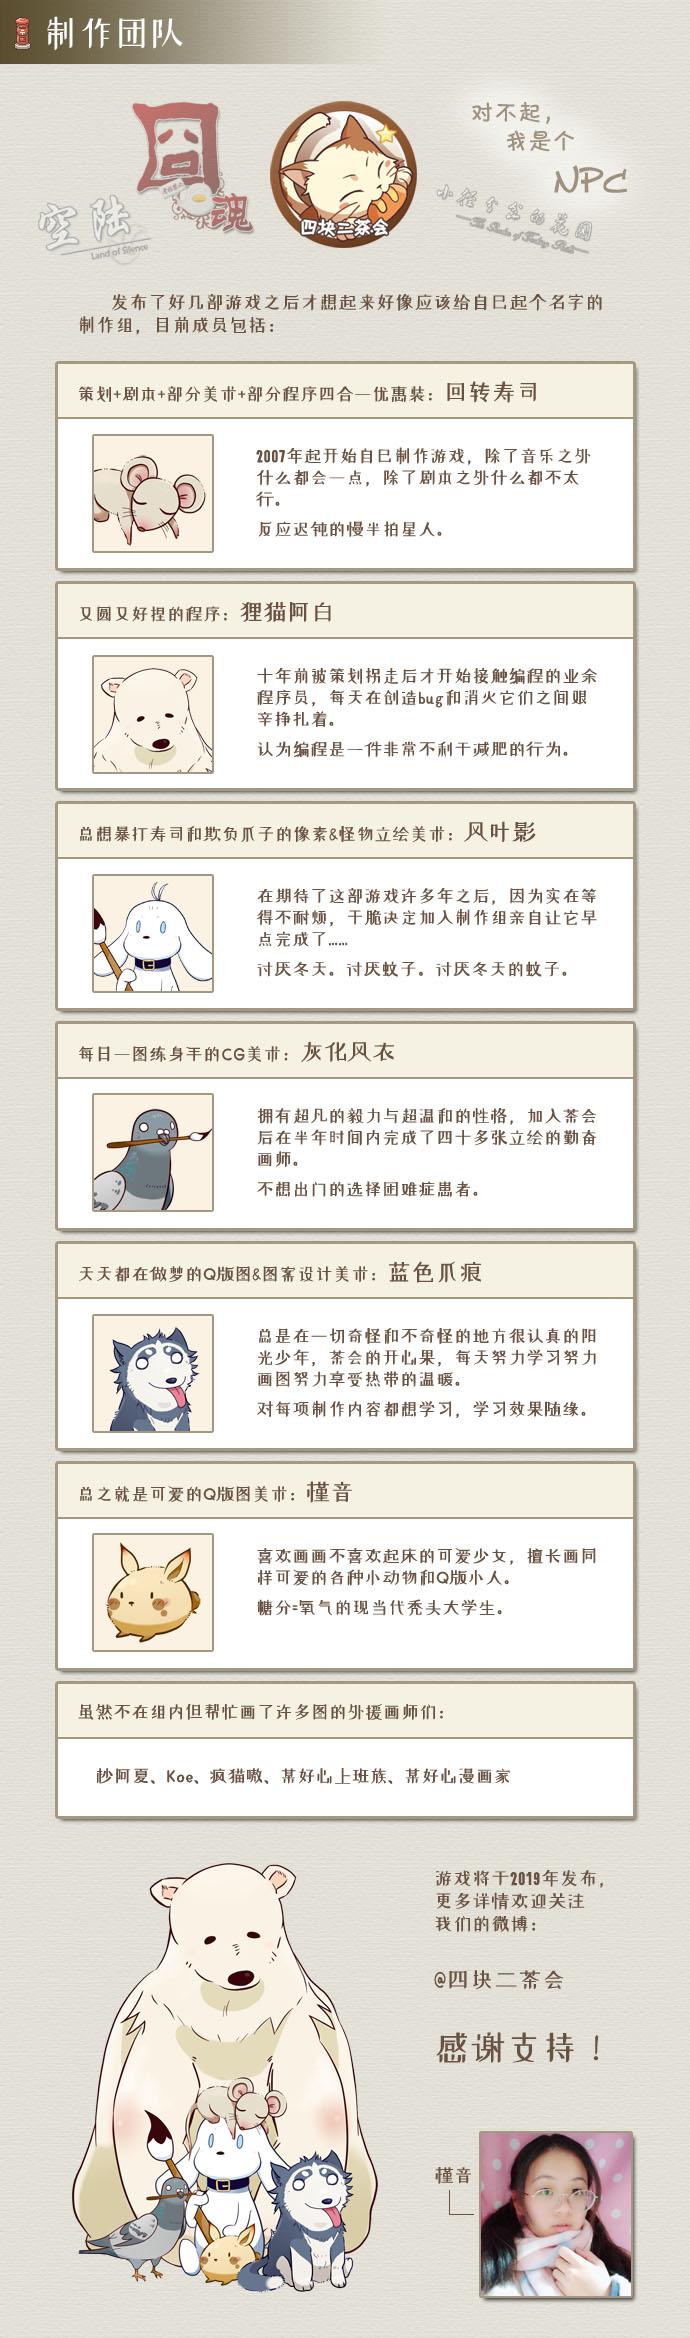 介绍4-带照片.jpg